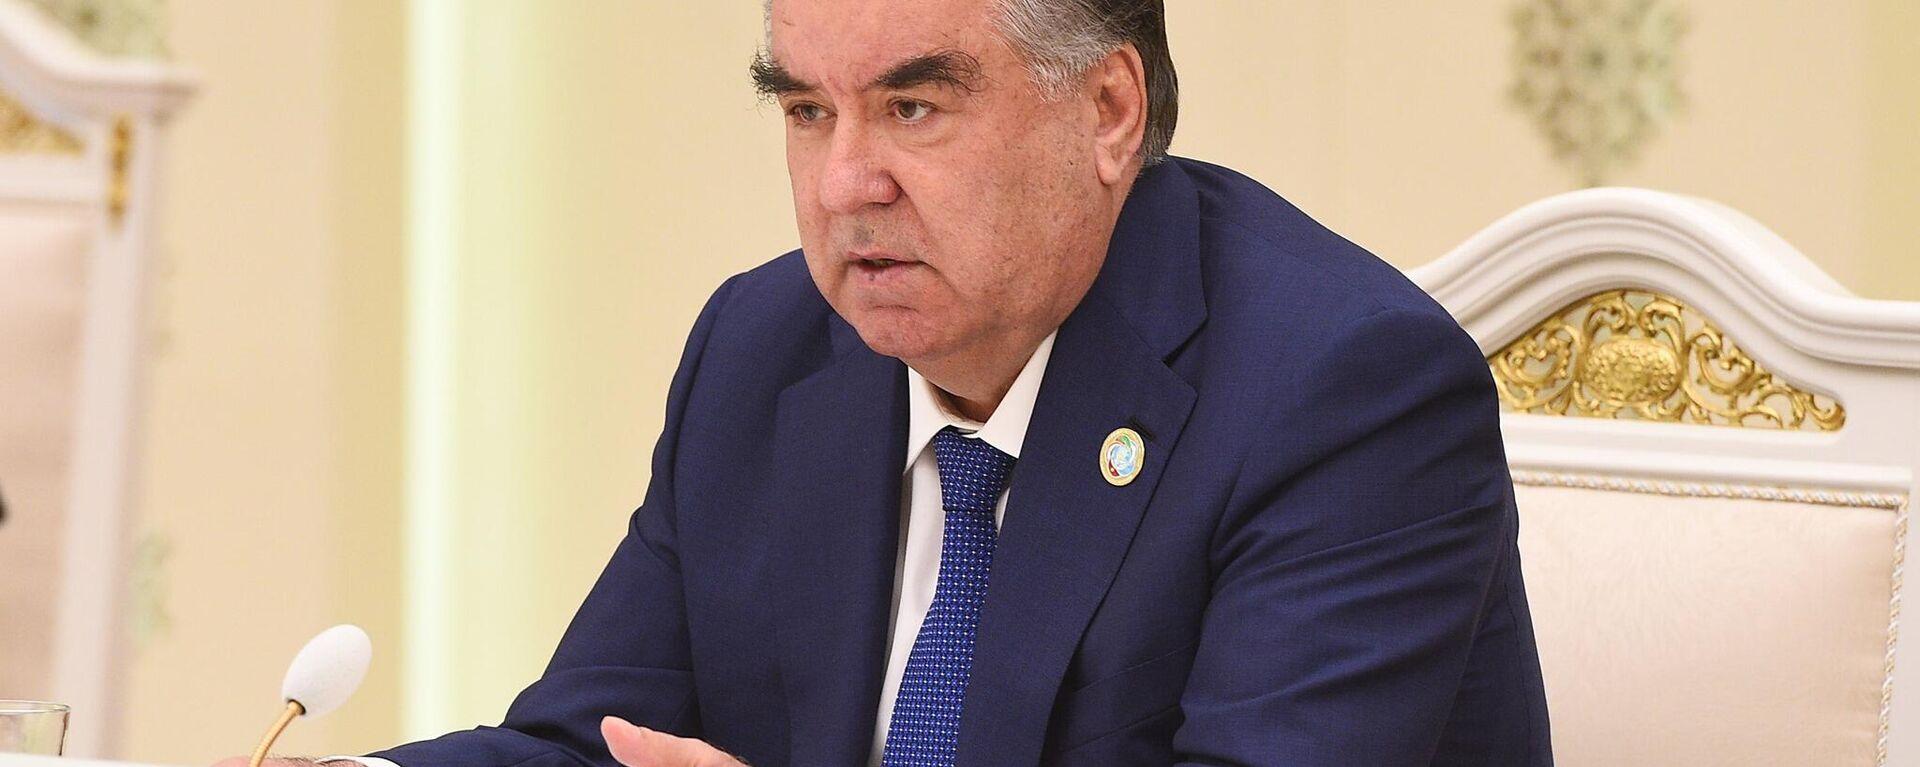 Президент Таджикистана Эмомали Рахмон - Sputnik Ўзбекистон, 1920, 16.09.2021